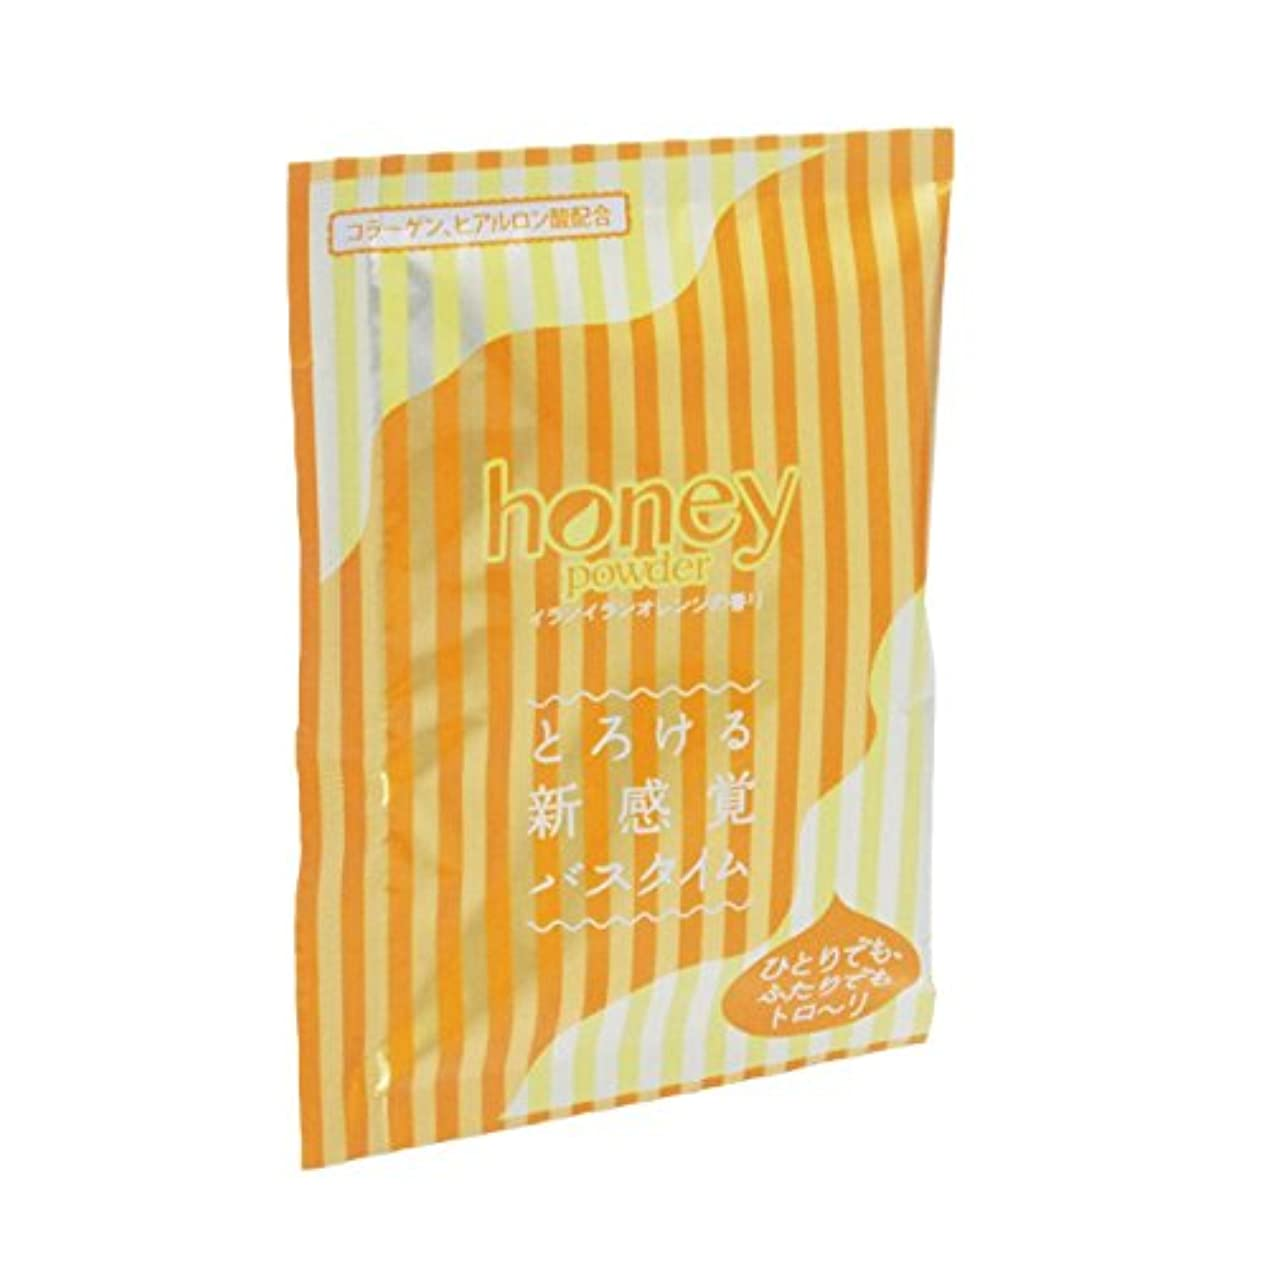 挽く士気成熟した[GN-91] ハニーパウダー1BOX(10個セット) イランイランオレンジの香り